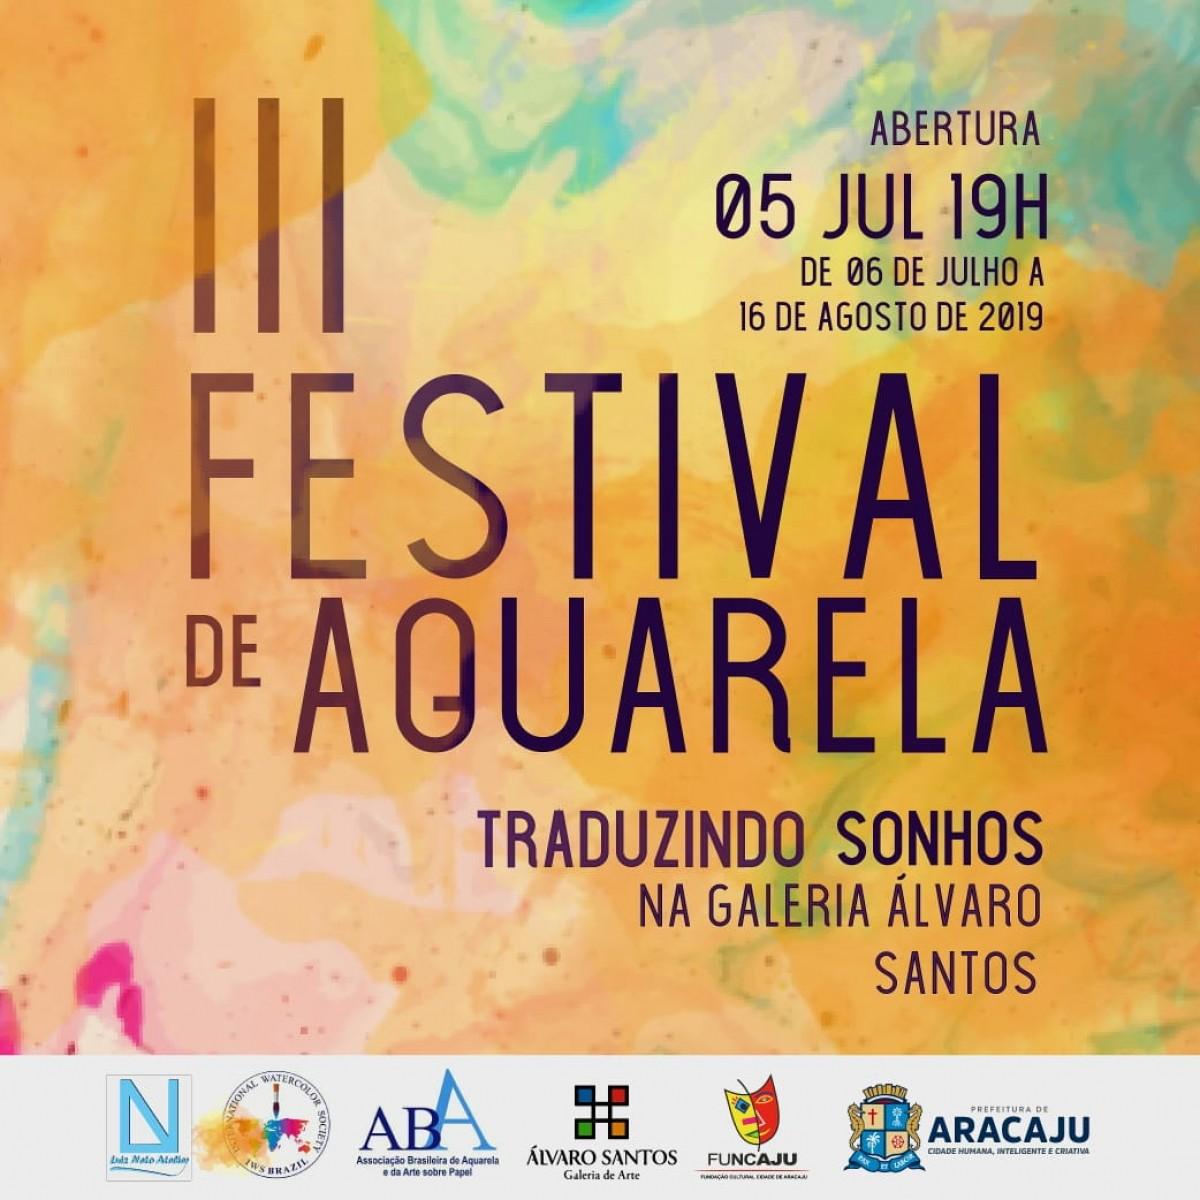 Galeria de Arte Álvaro Santos sedia o III Festival de Aquarelas (Imagem: Divulgação/ Funcaju)